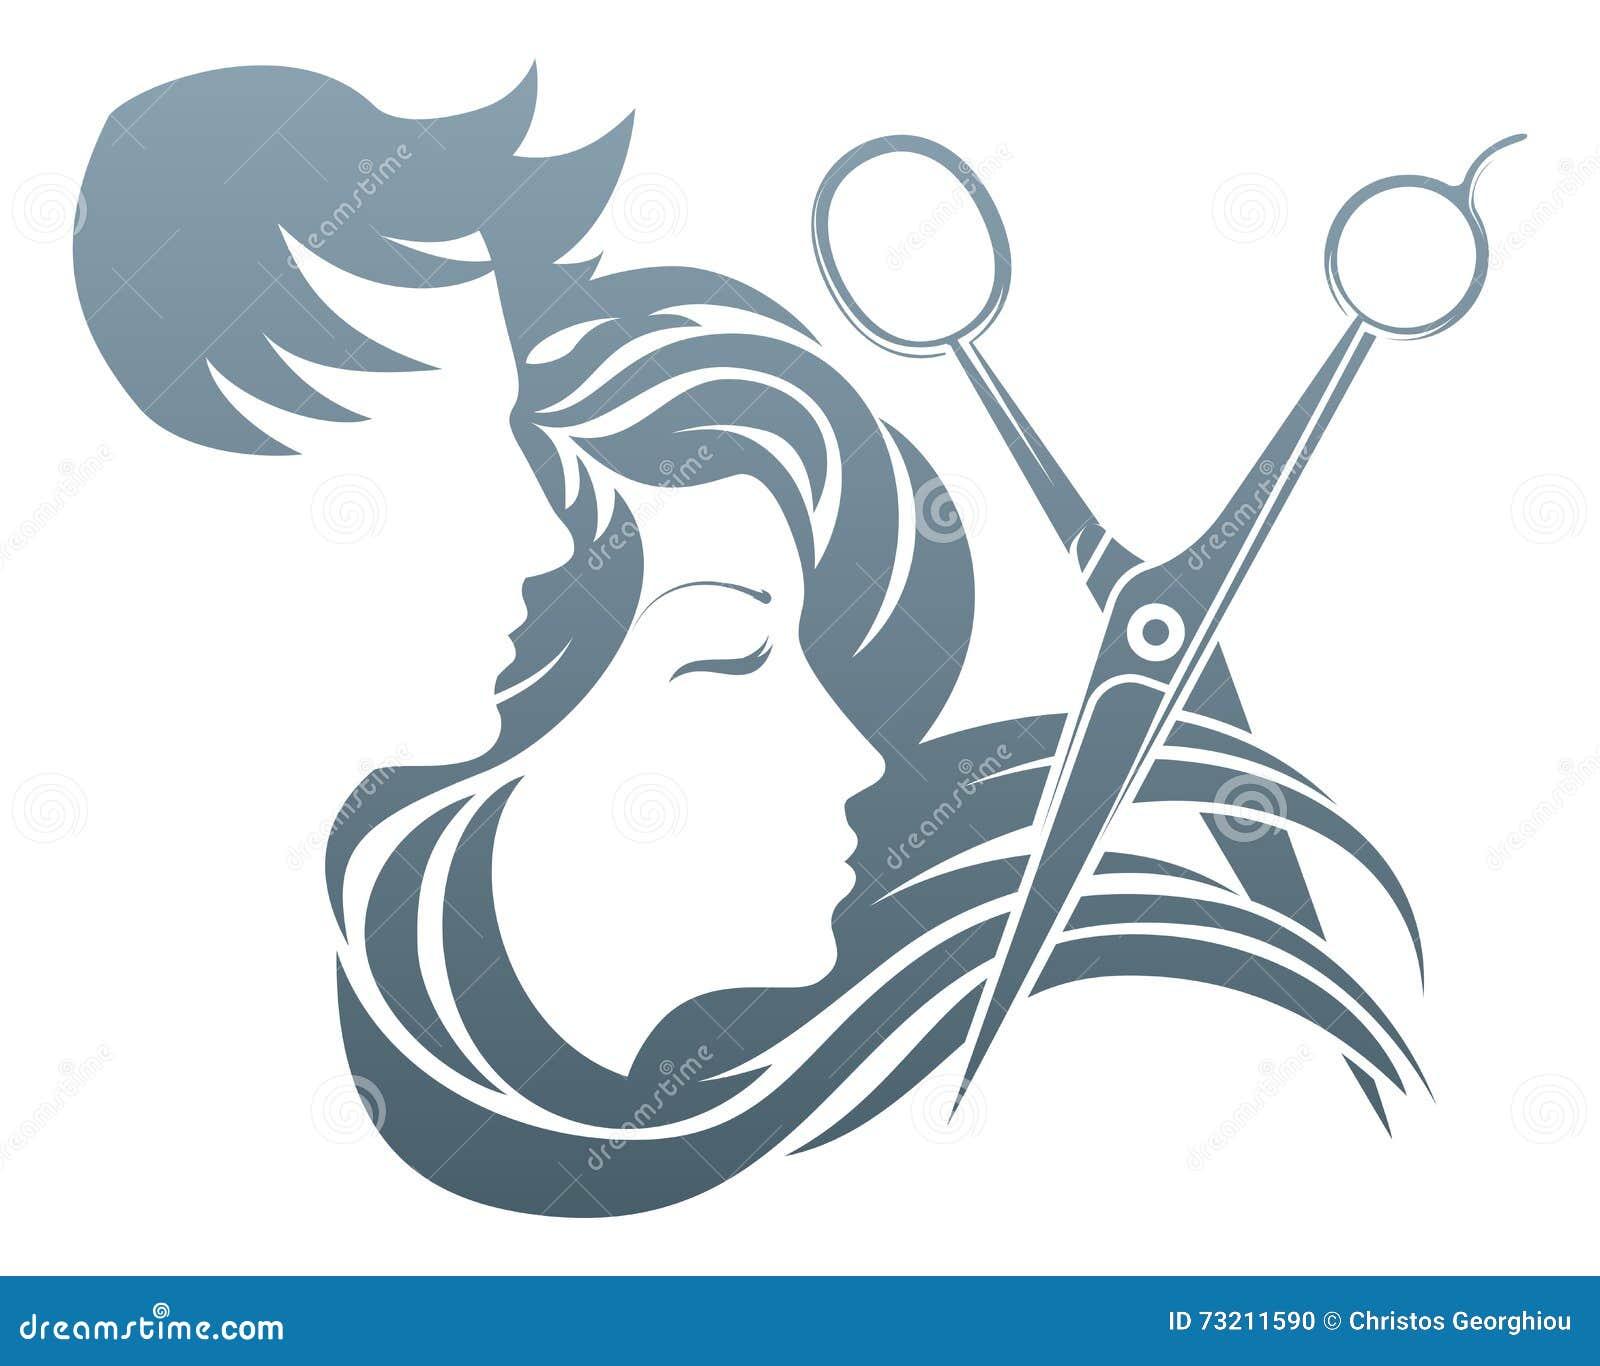 Friseur Man Und Frauen Scheren Konzept Vektor Abbildung